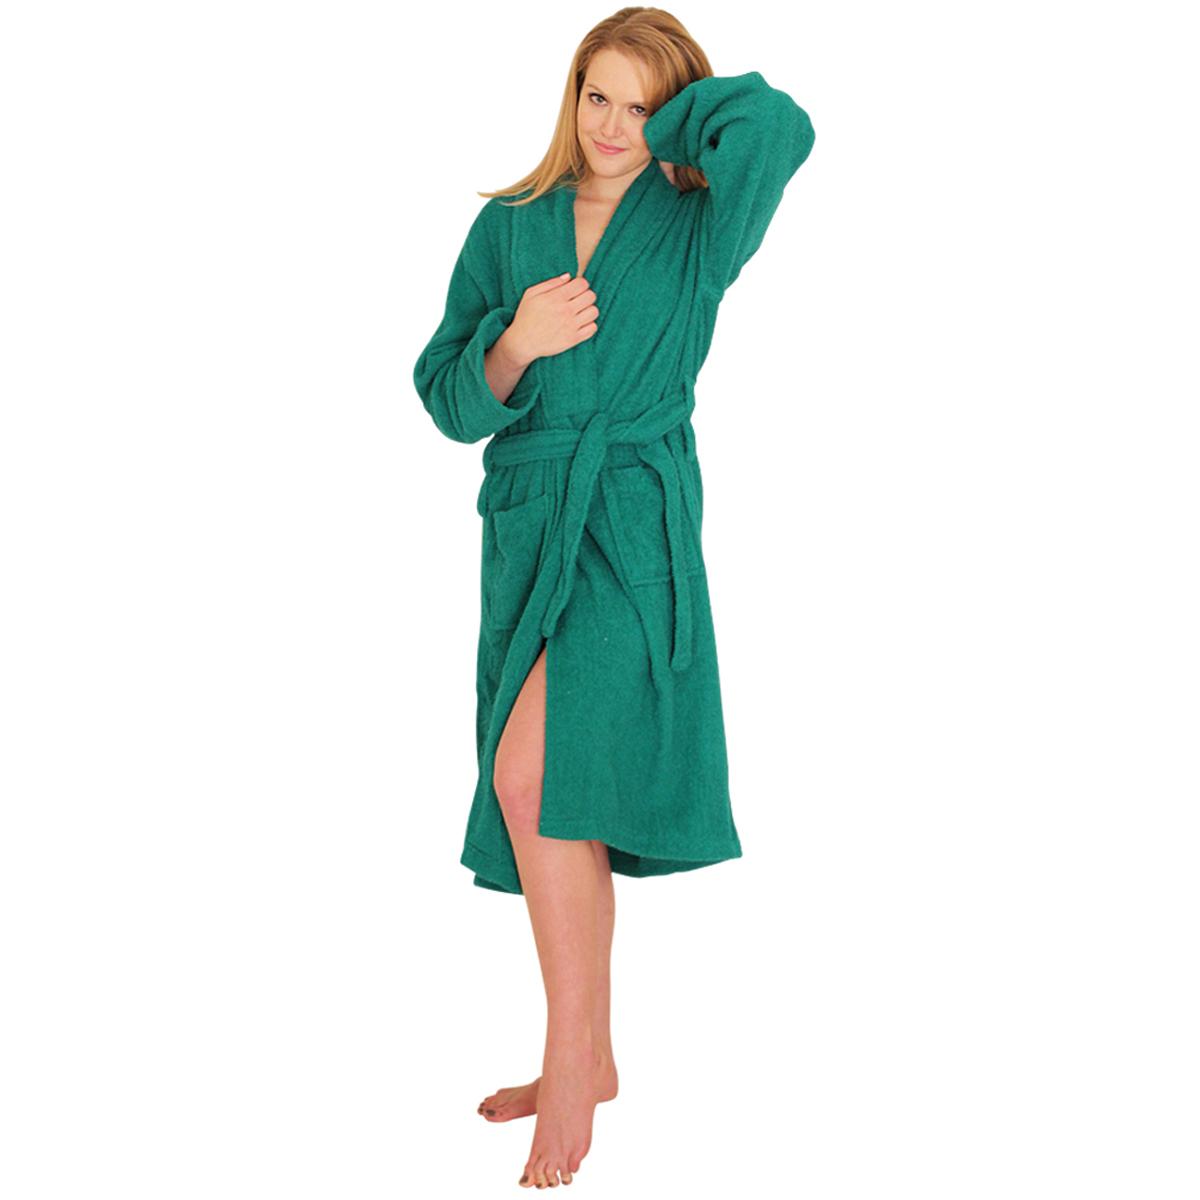 14d72189fb Bathrobe Terry Cloth (terrycloth) Bath Robe -  39.99 for Women and Men 100%  cotton